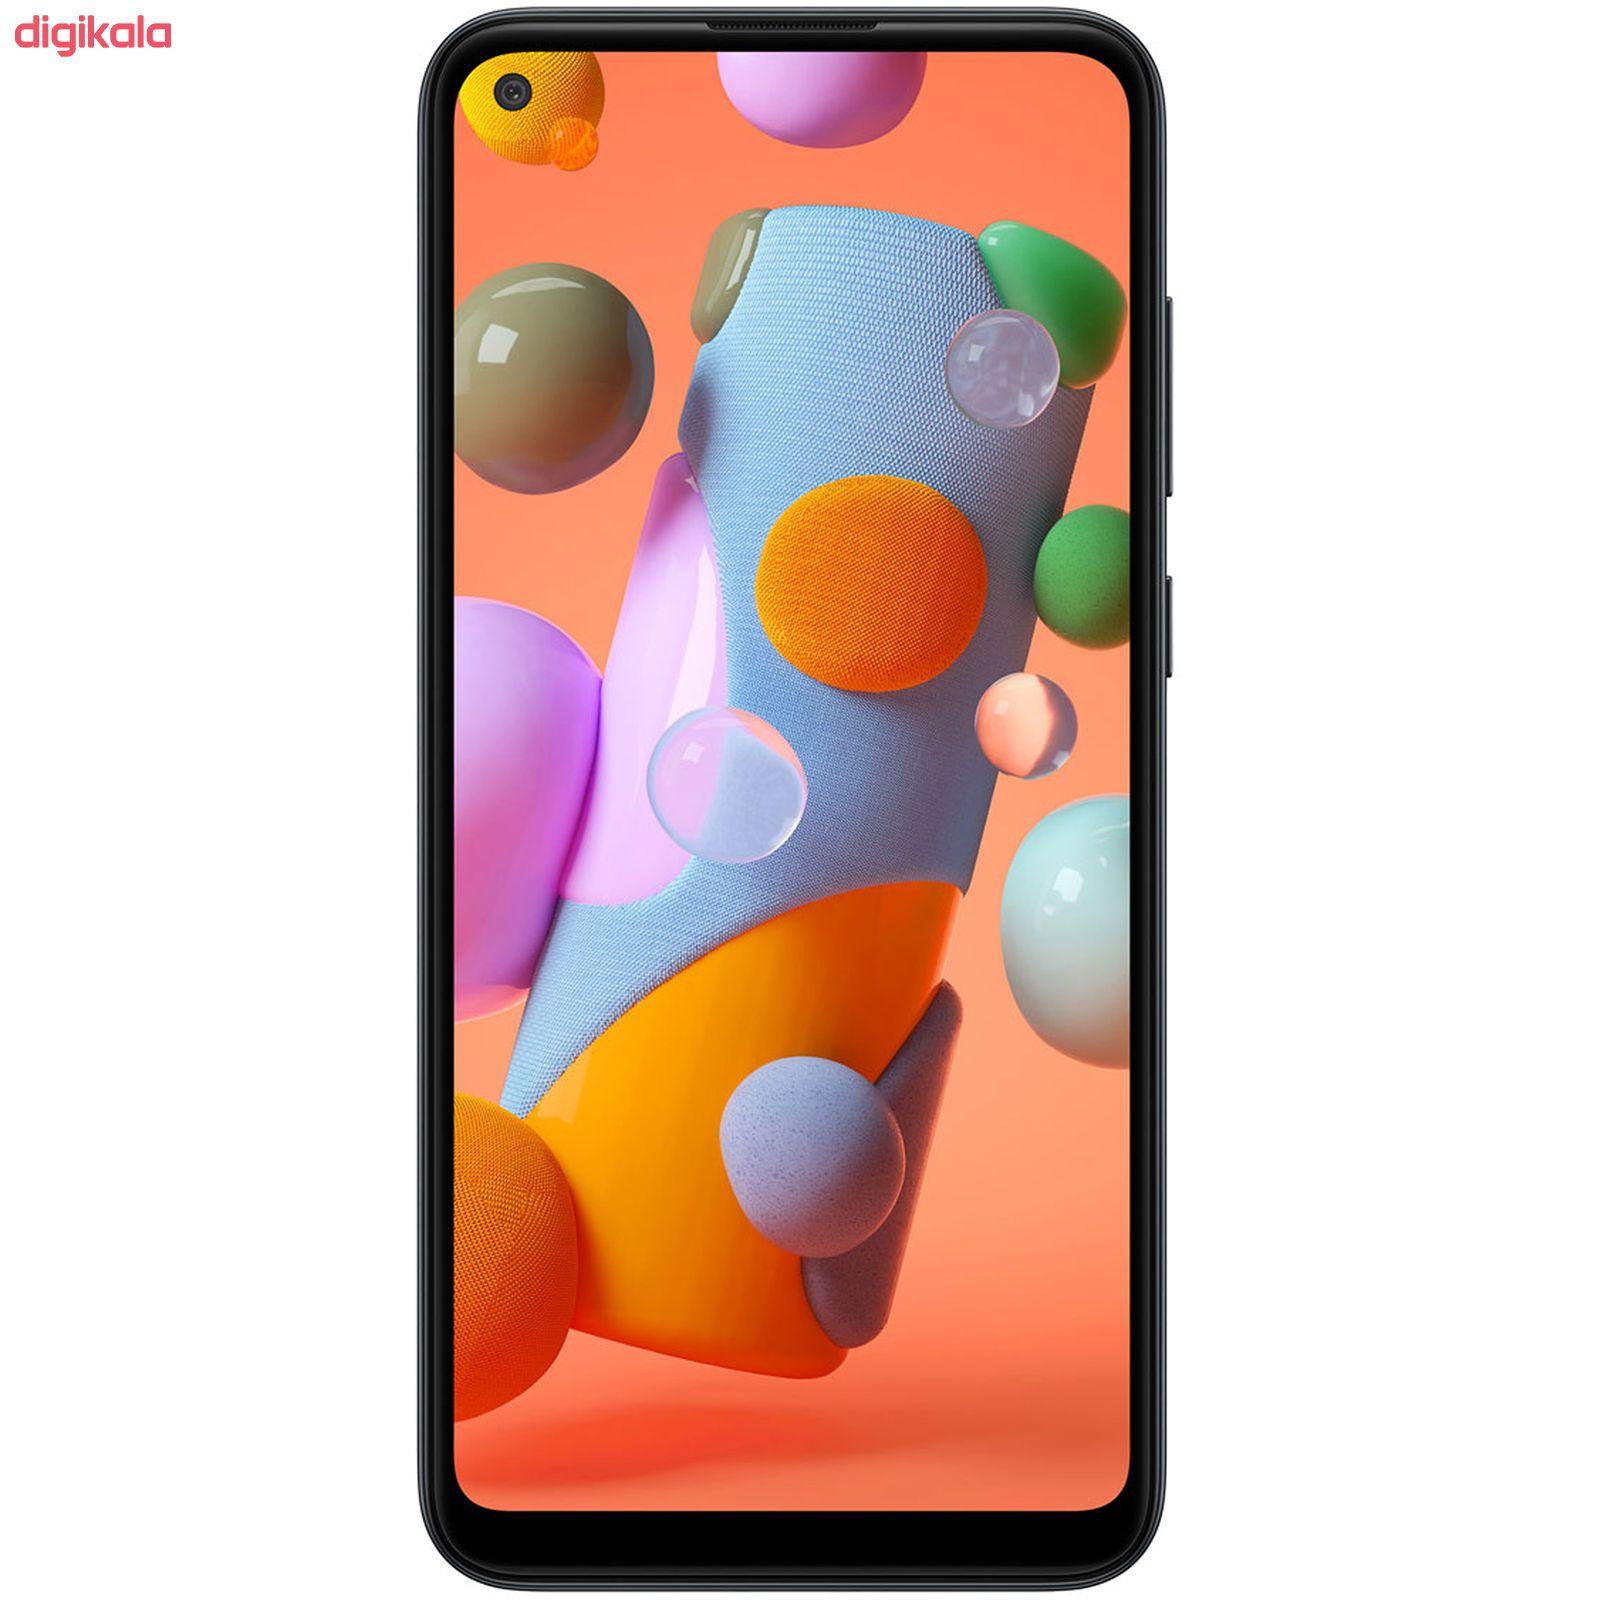 گوشی موبایل سامسونگ مدل Galaxy A11 SM-A115F/DS دو سیم کارت ظرفیت 32 گیگابایت با 2 گیگابایت رم main 1 1